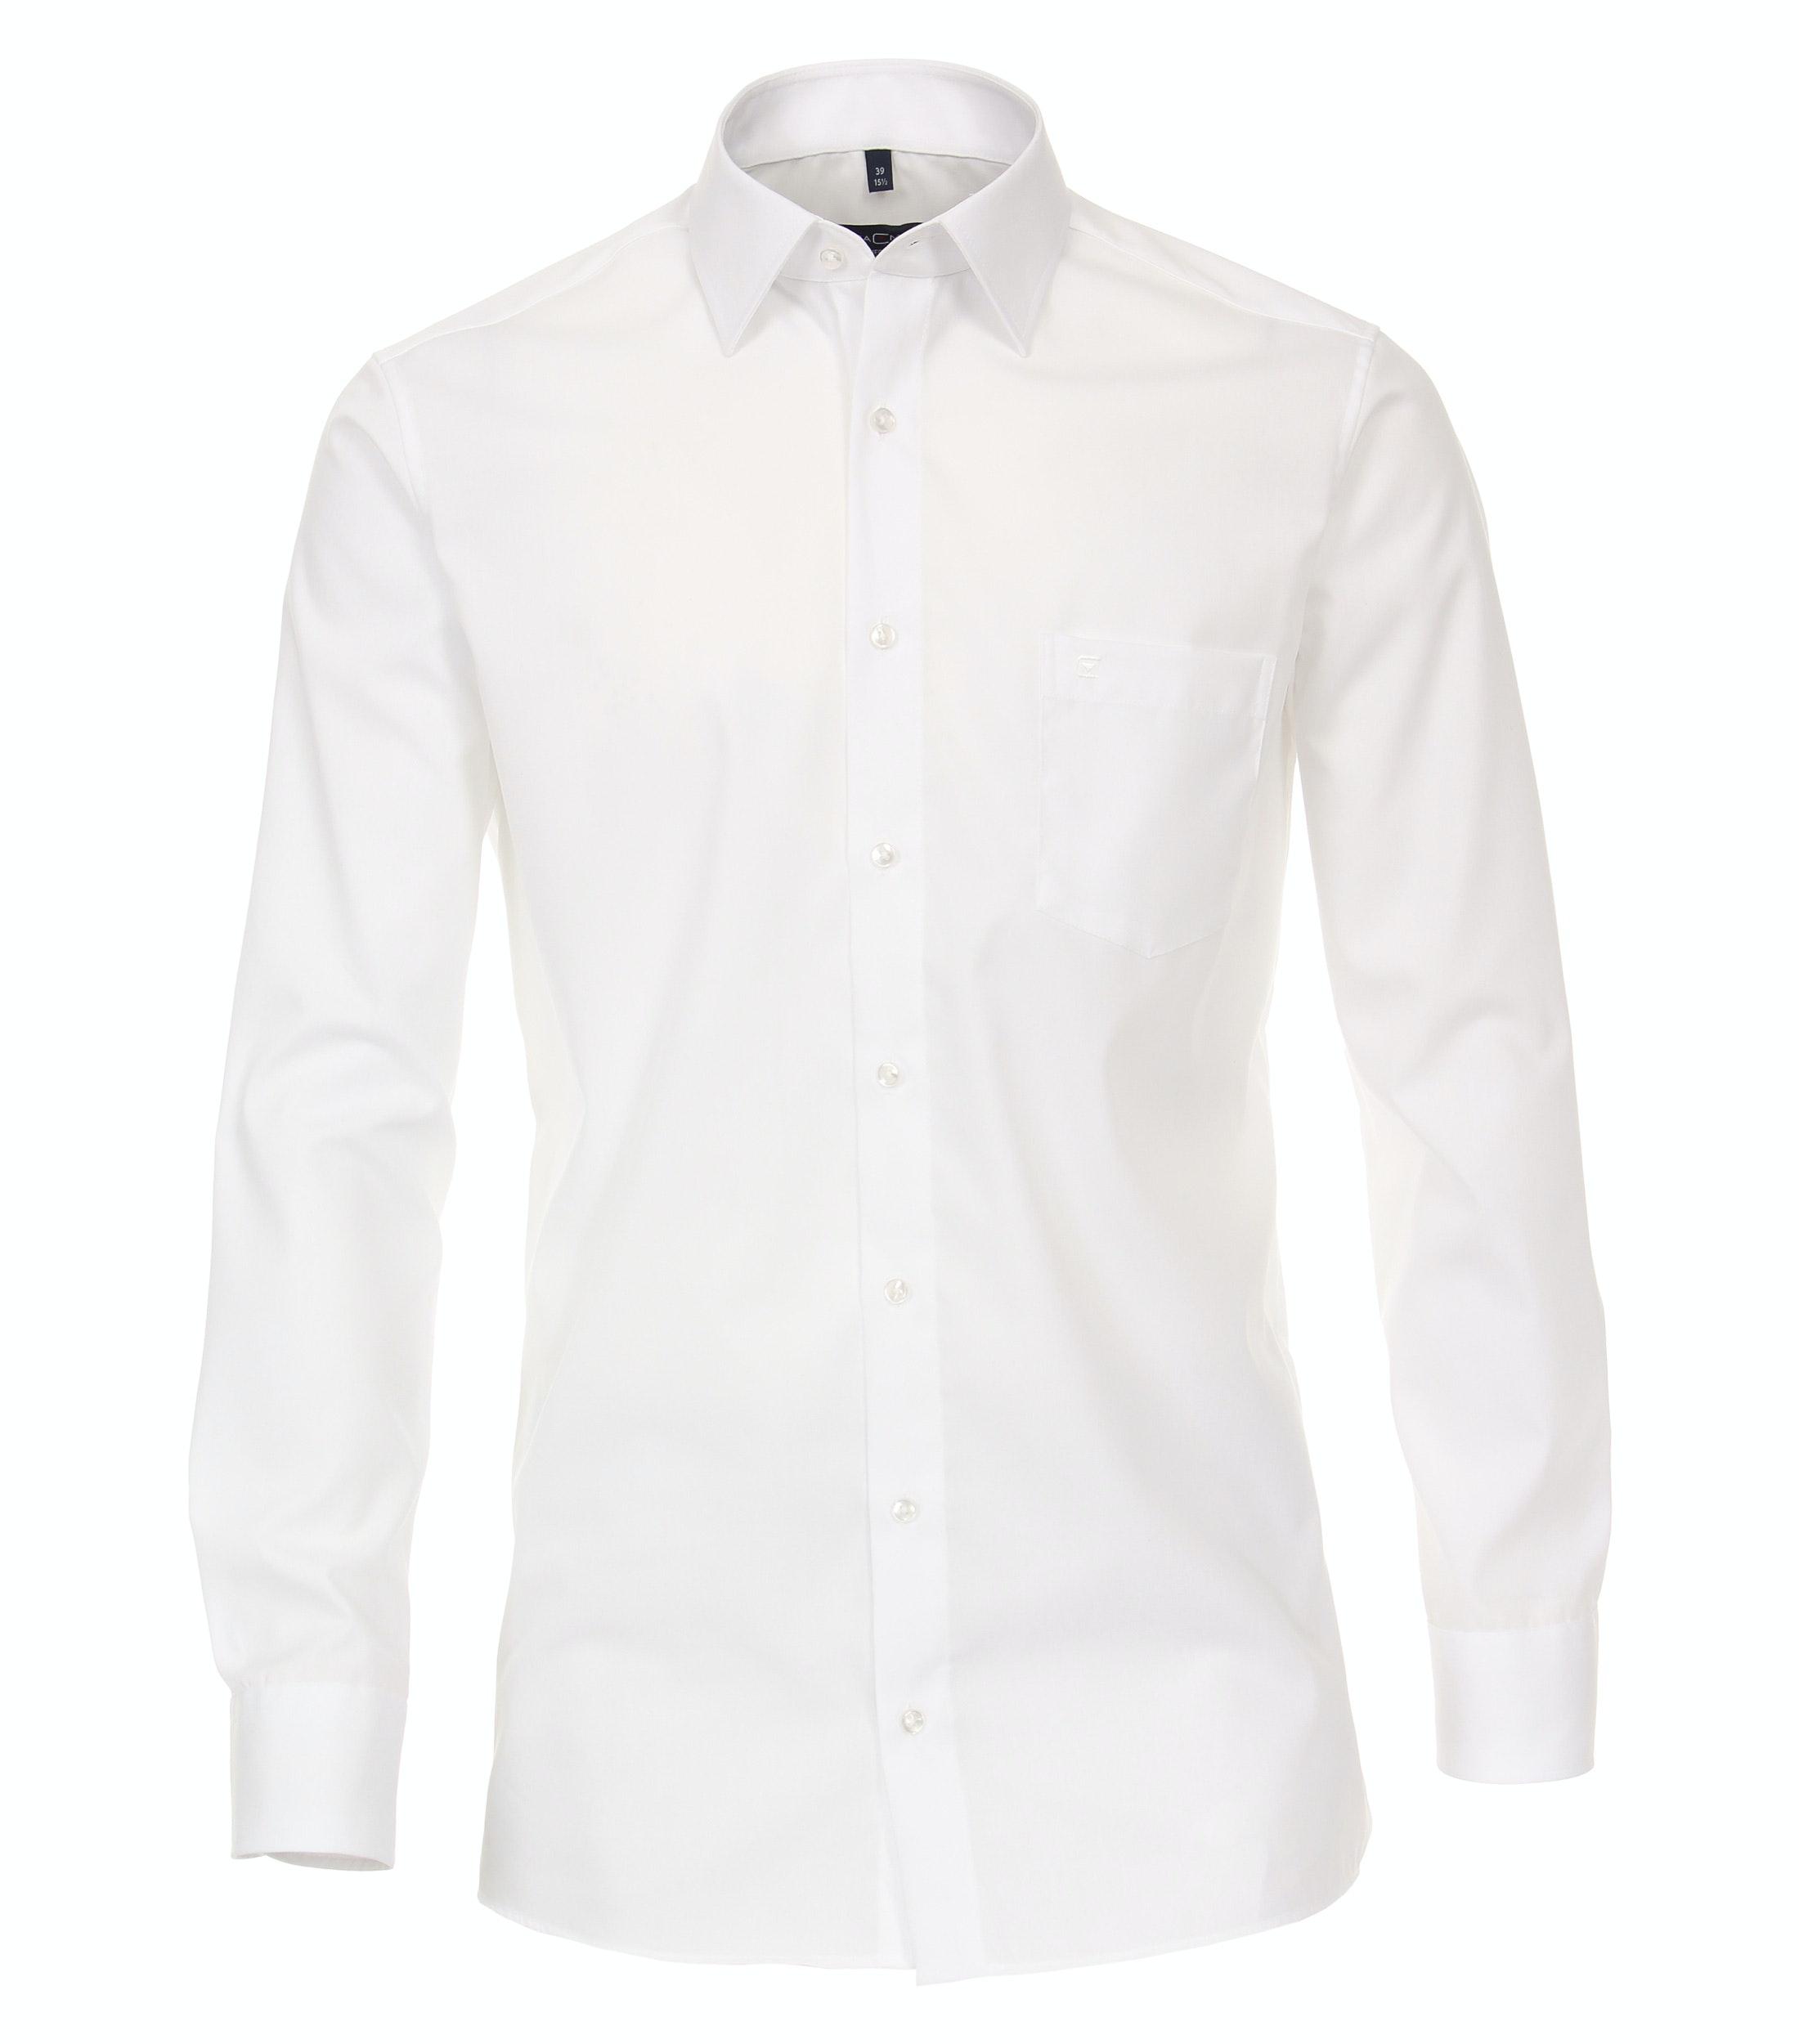 CasaModa Businesshemd aus Baumwolle, weiß